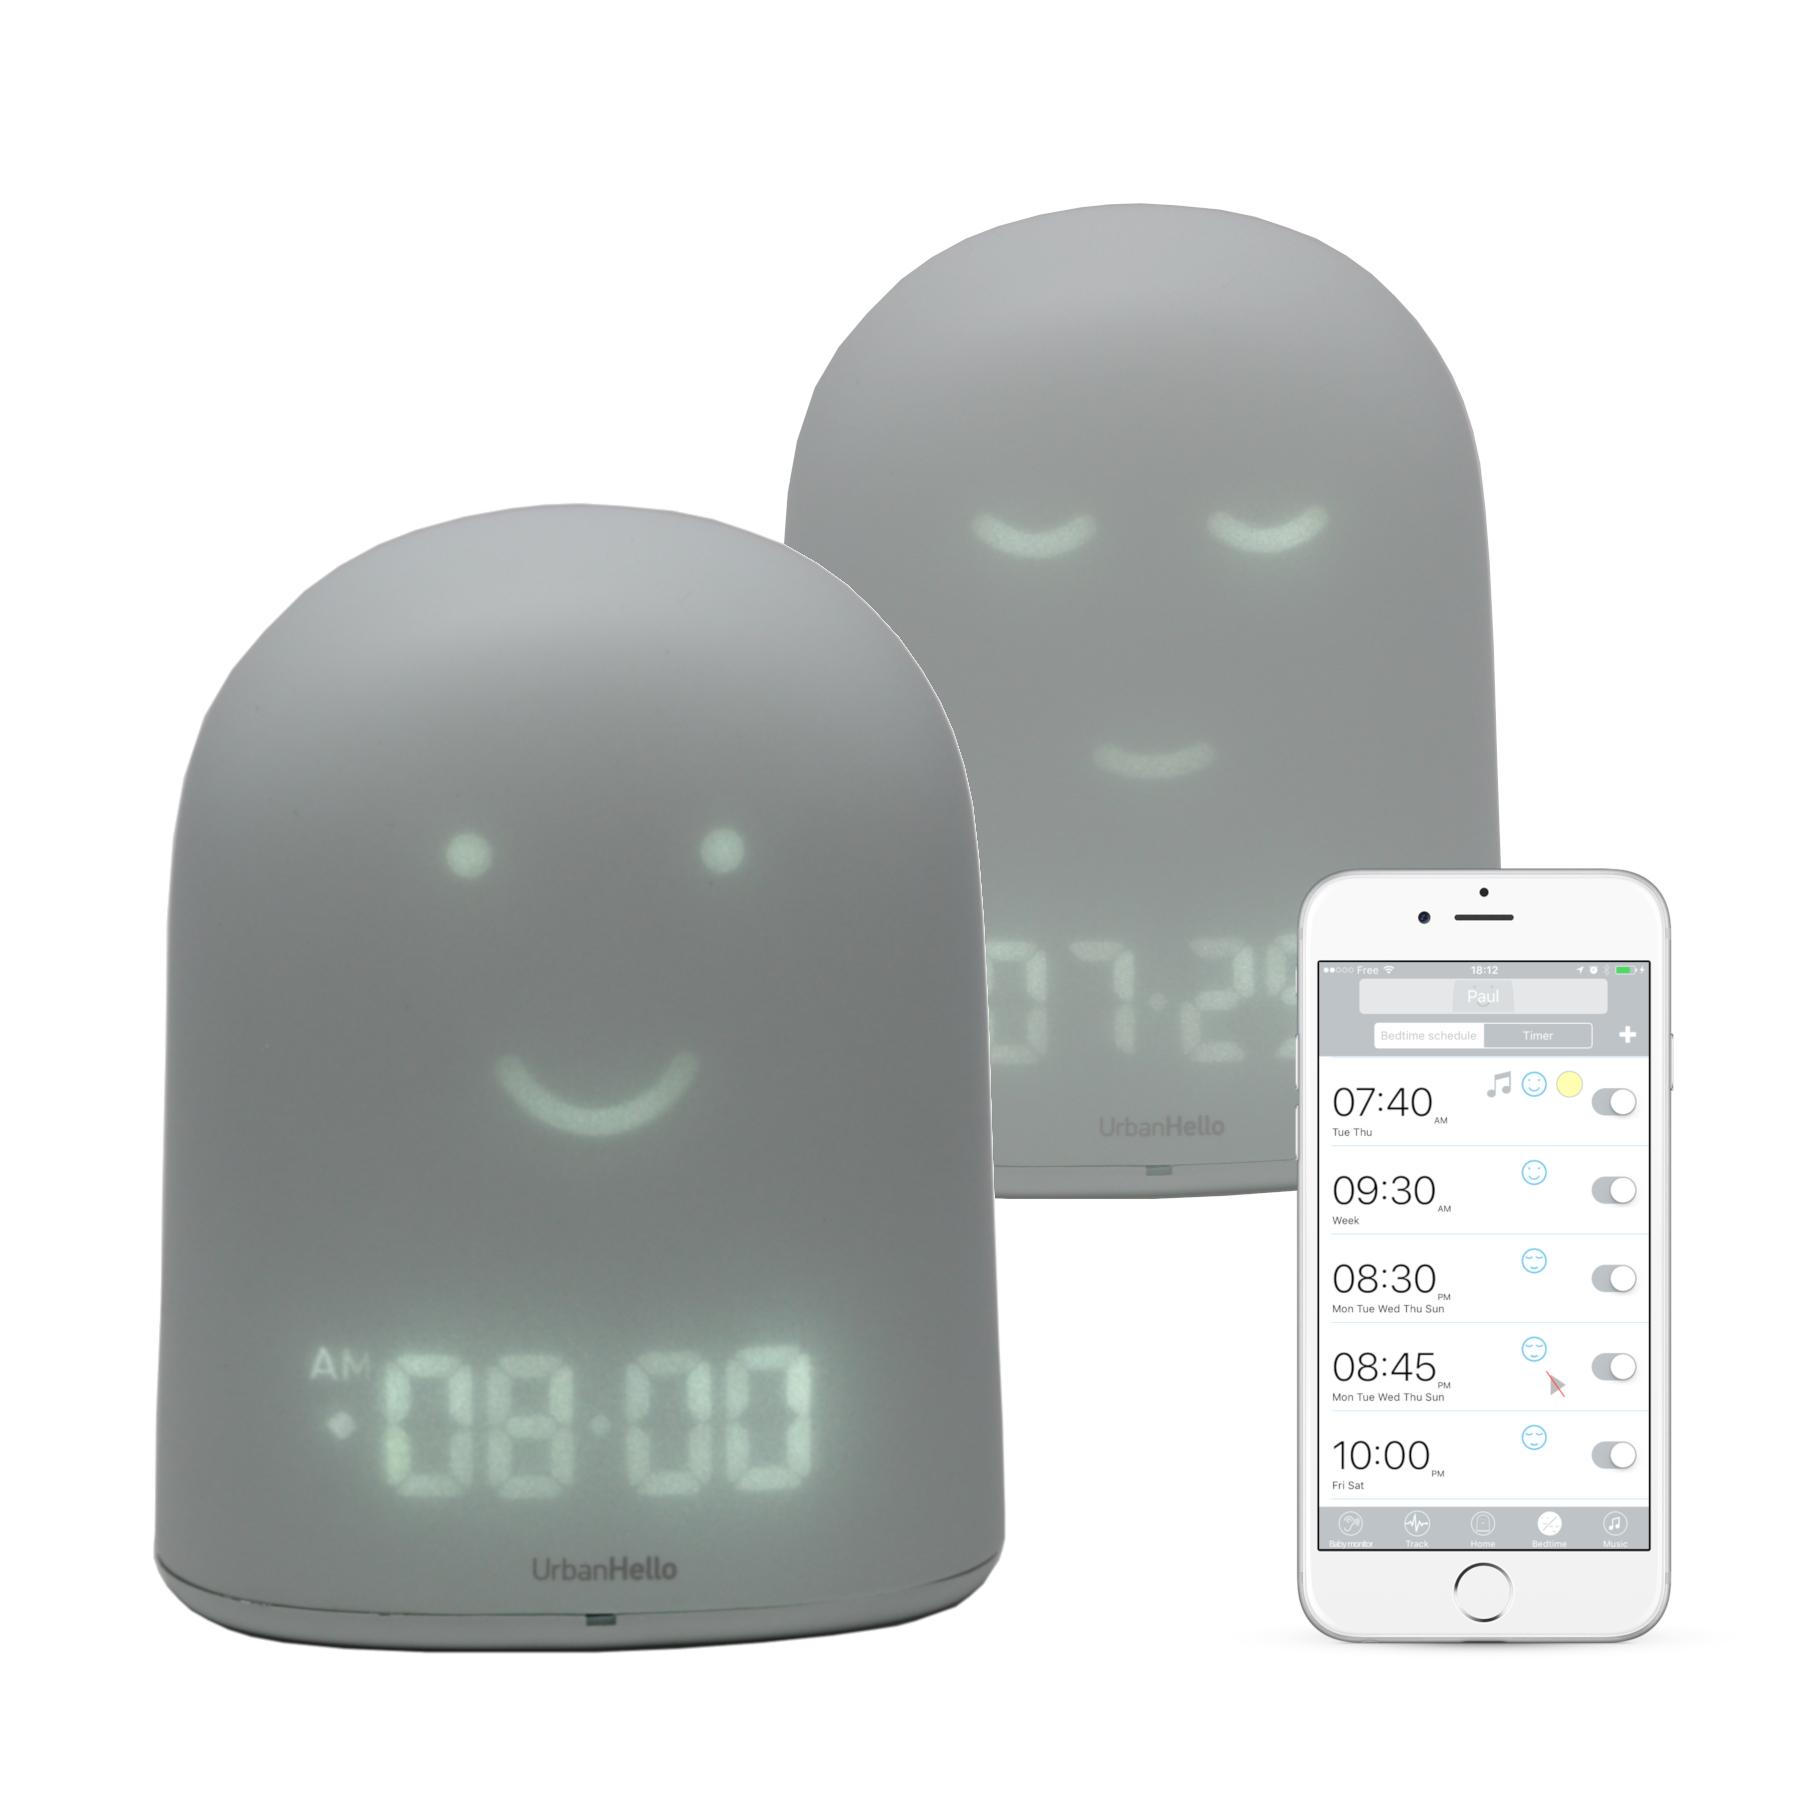 REMI Gris - Le Meilleur Réveil Enfant Jour Nuit éducatif pour apprendre à dormir plus - Suivi du sommeil - Babyphone - Veilleuse - Enceinte musique